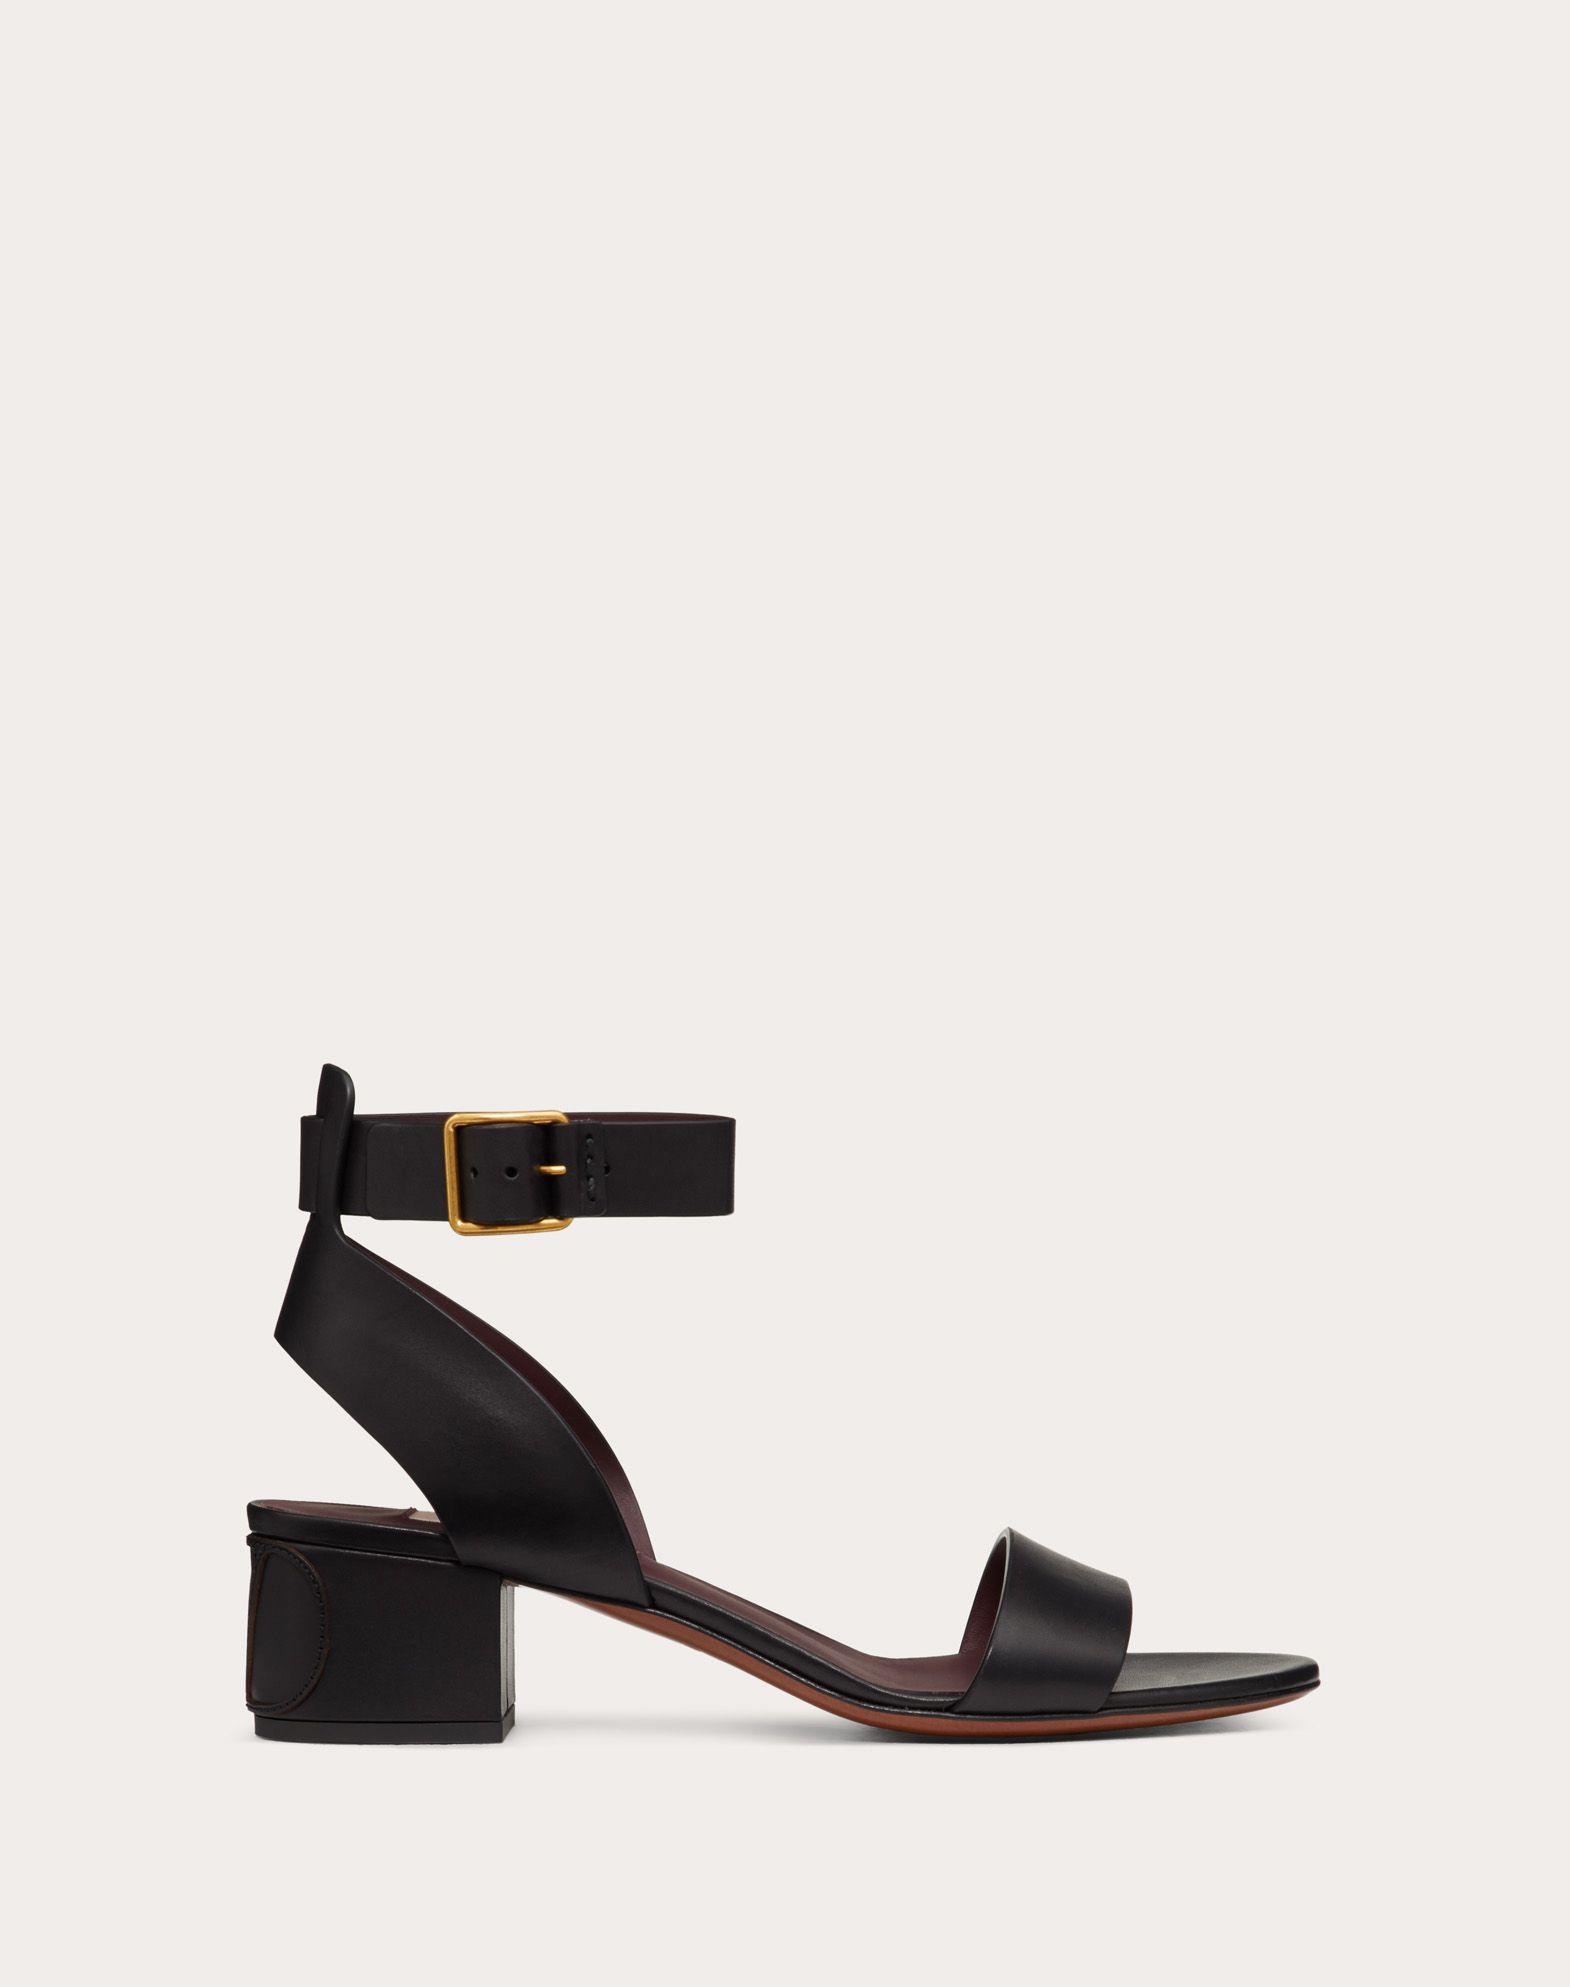 Sandales VLOGO en cuir de vachette. Talon : 45 mm